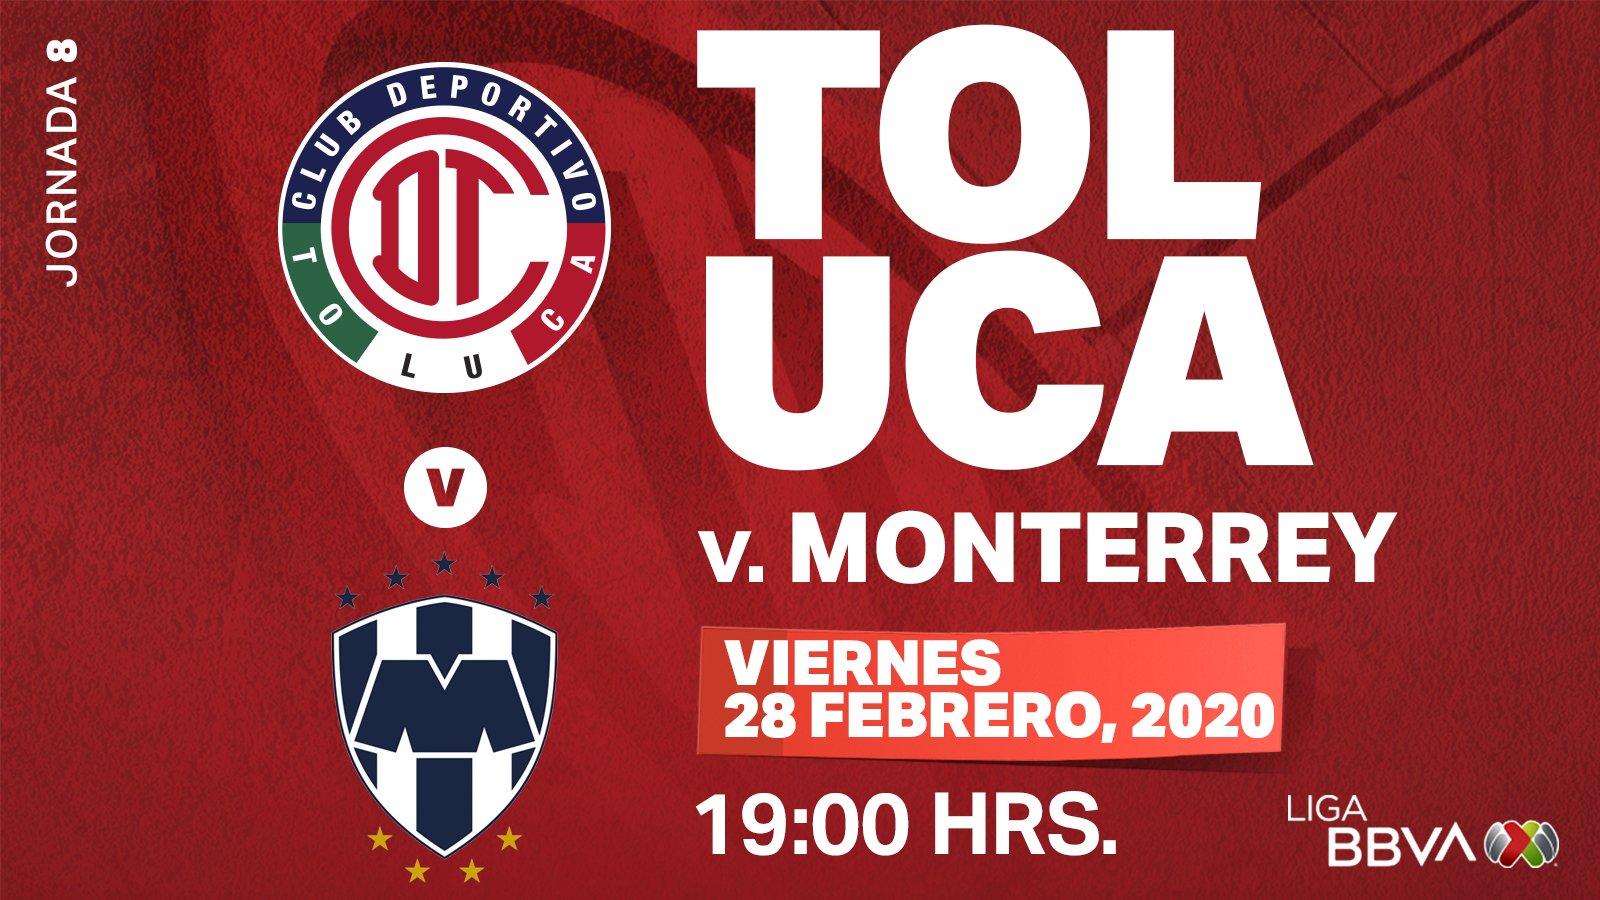 Toluca FC vs Monterrey cambia de horario